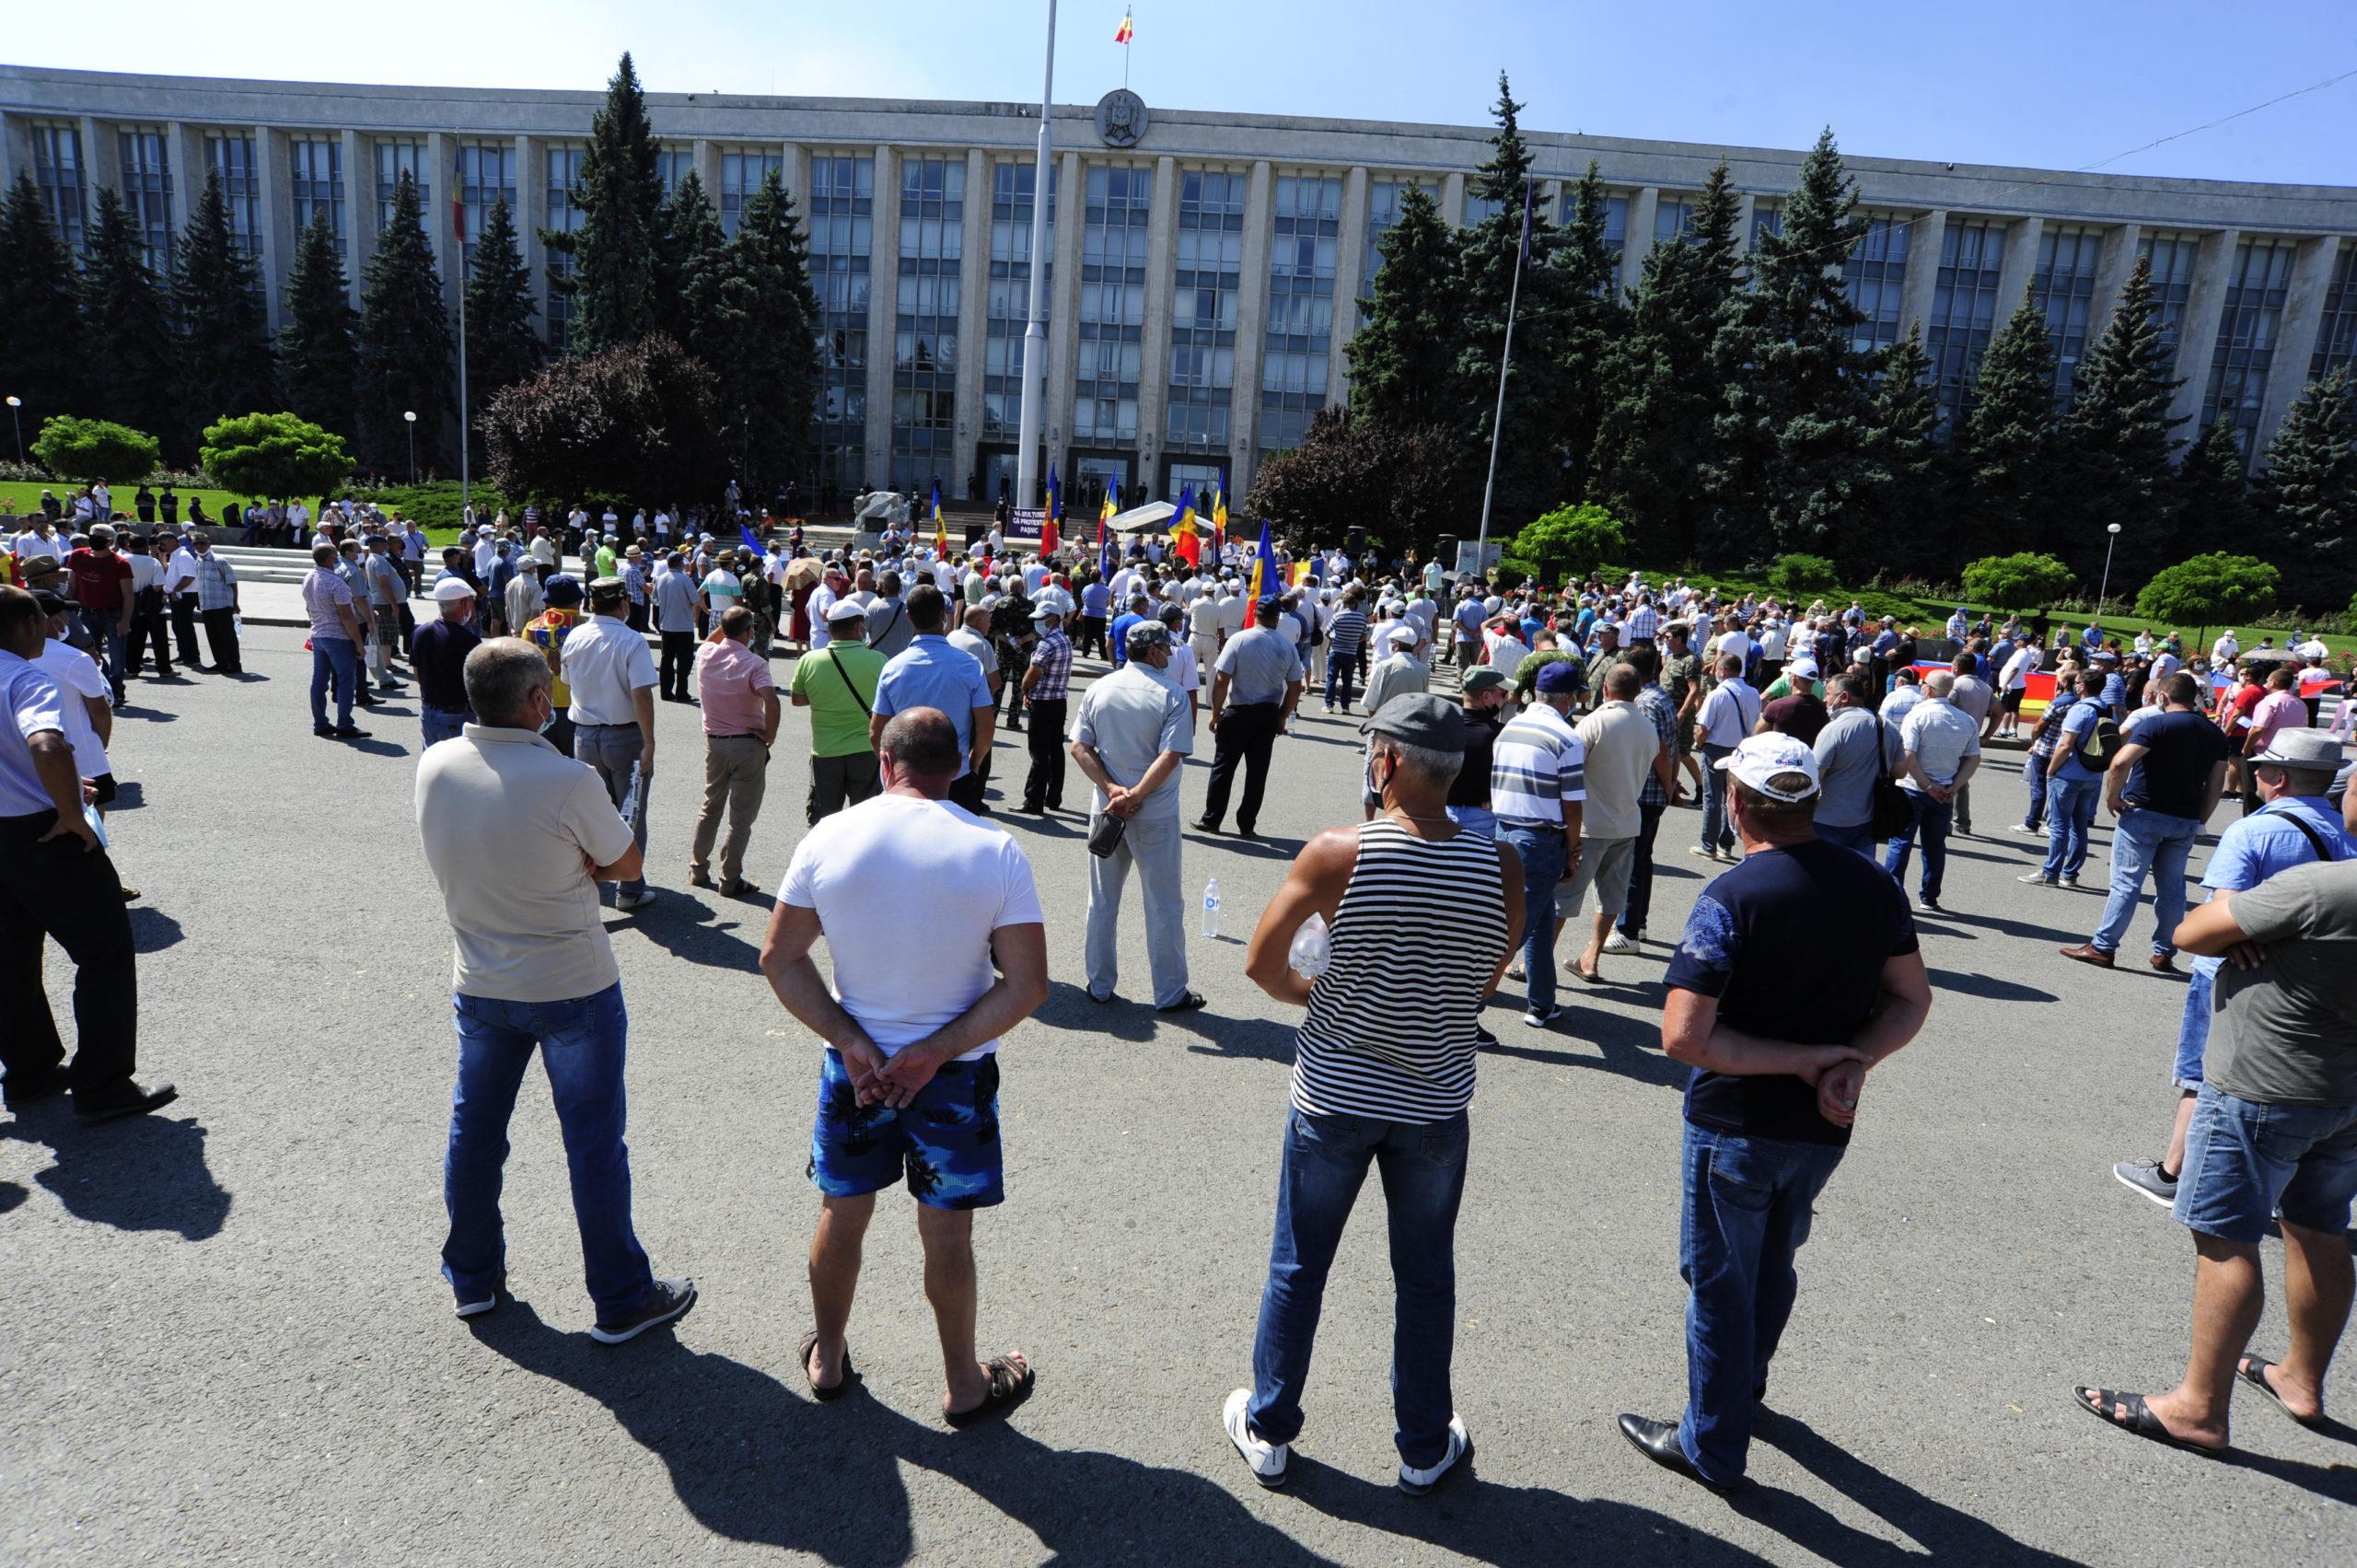 Как в Кишиневе прошел протест против Додона. Фоторепортаж NM